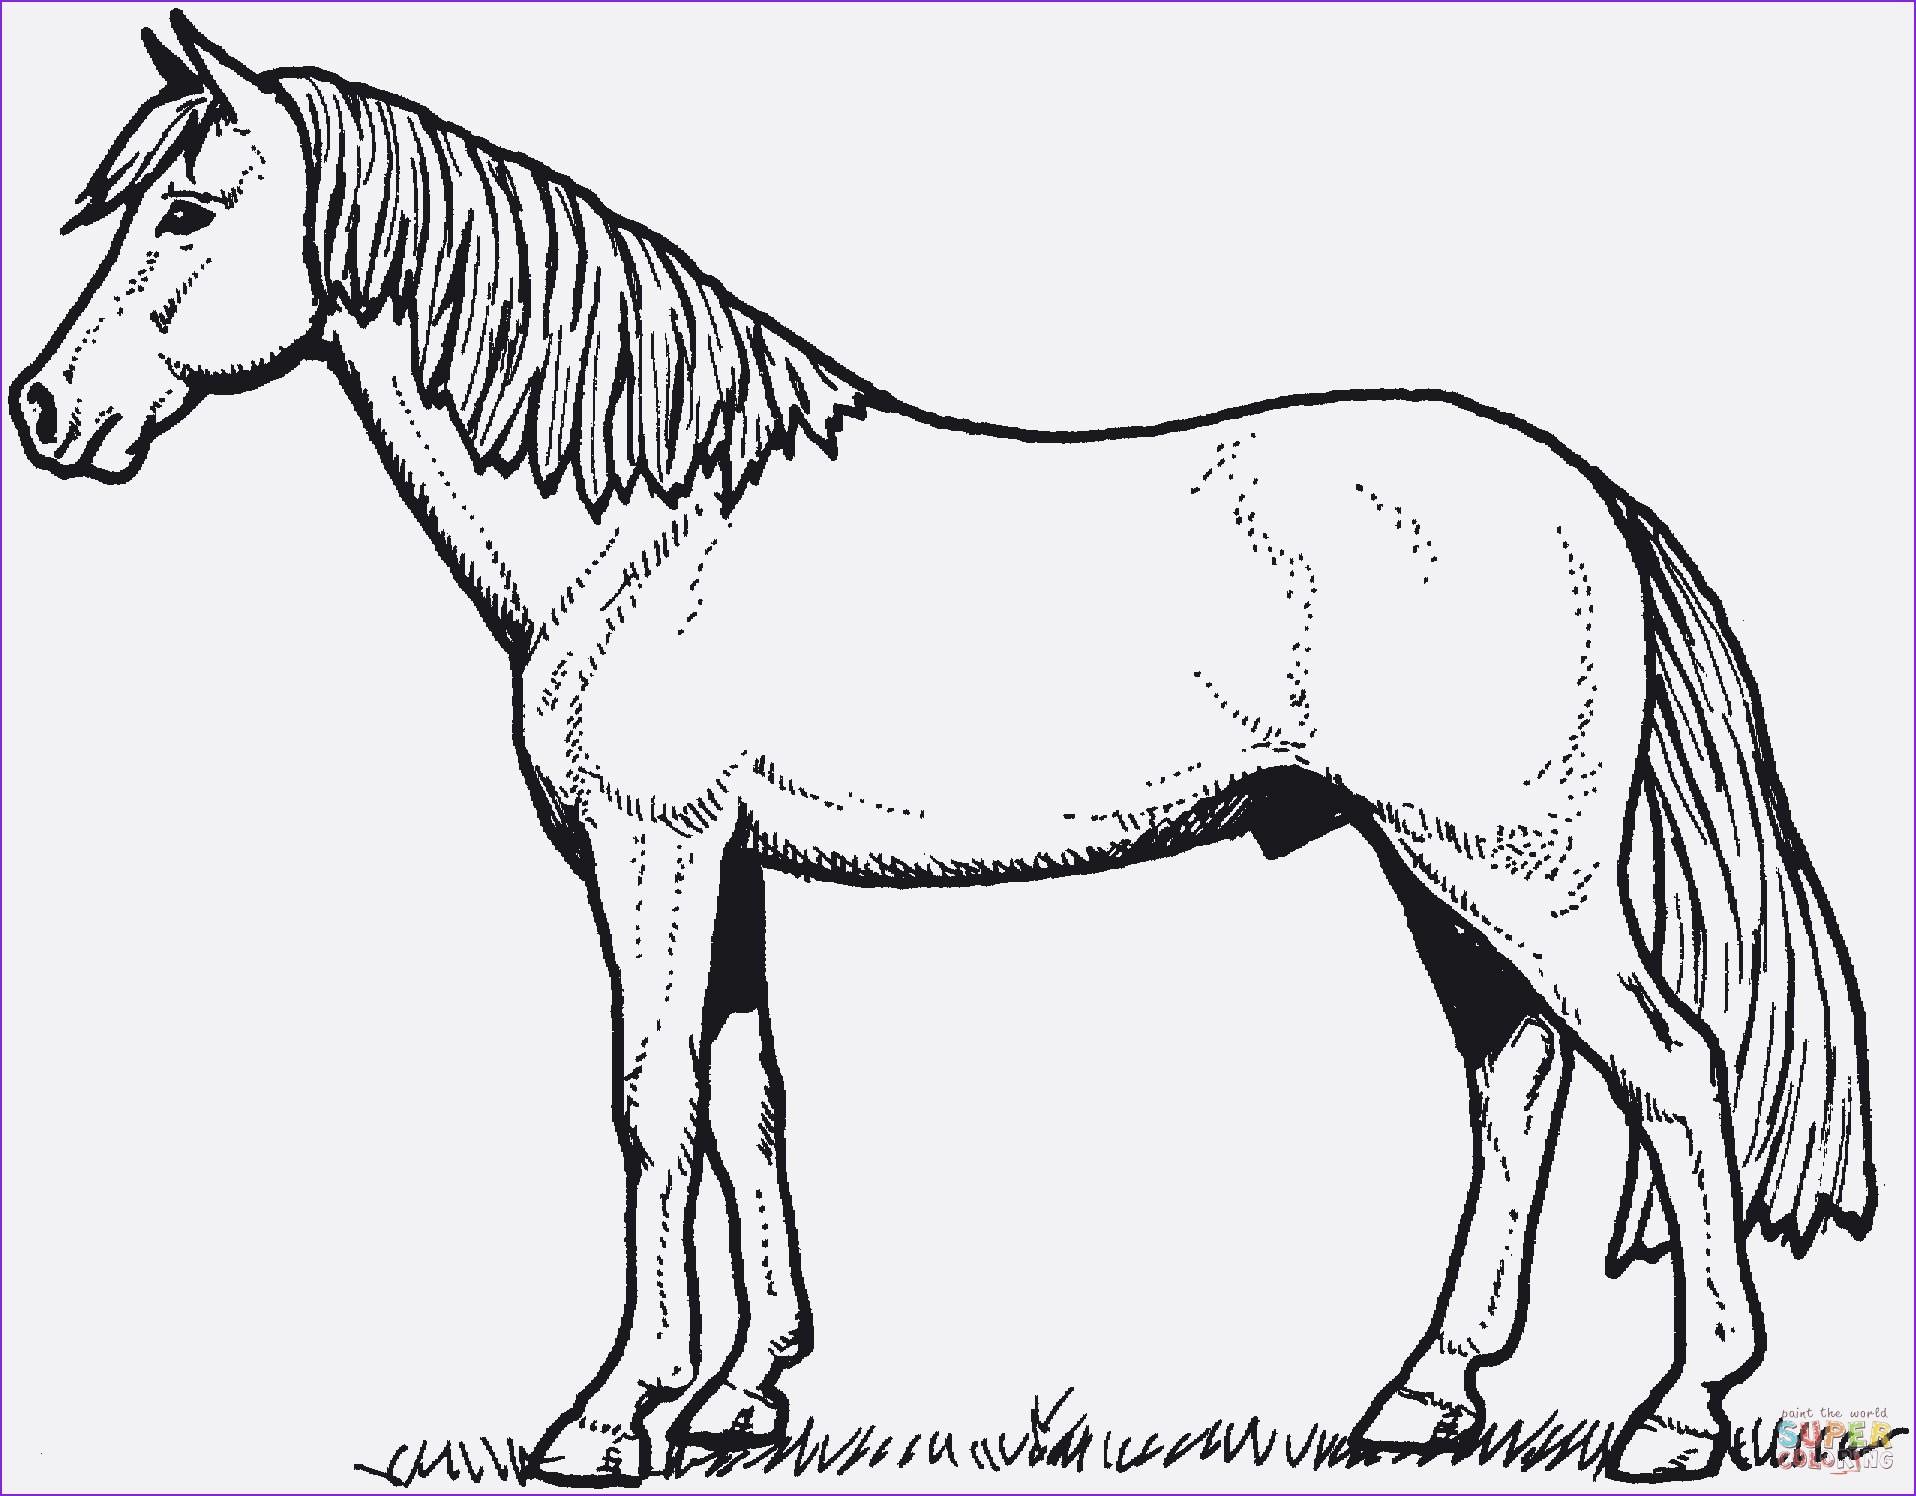 Pferde Ausmalbilder Zum Drucken Genial Pferdebilder Zum Ausdrucken Stück 38 Ausmalbilder Pferde Mit Fohlen Galerie